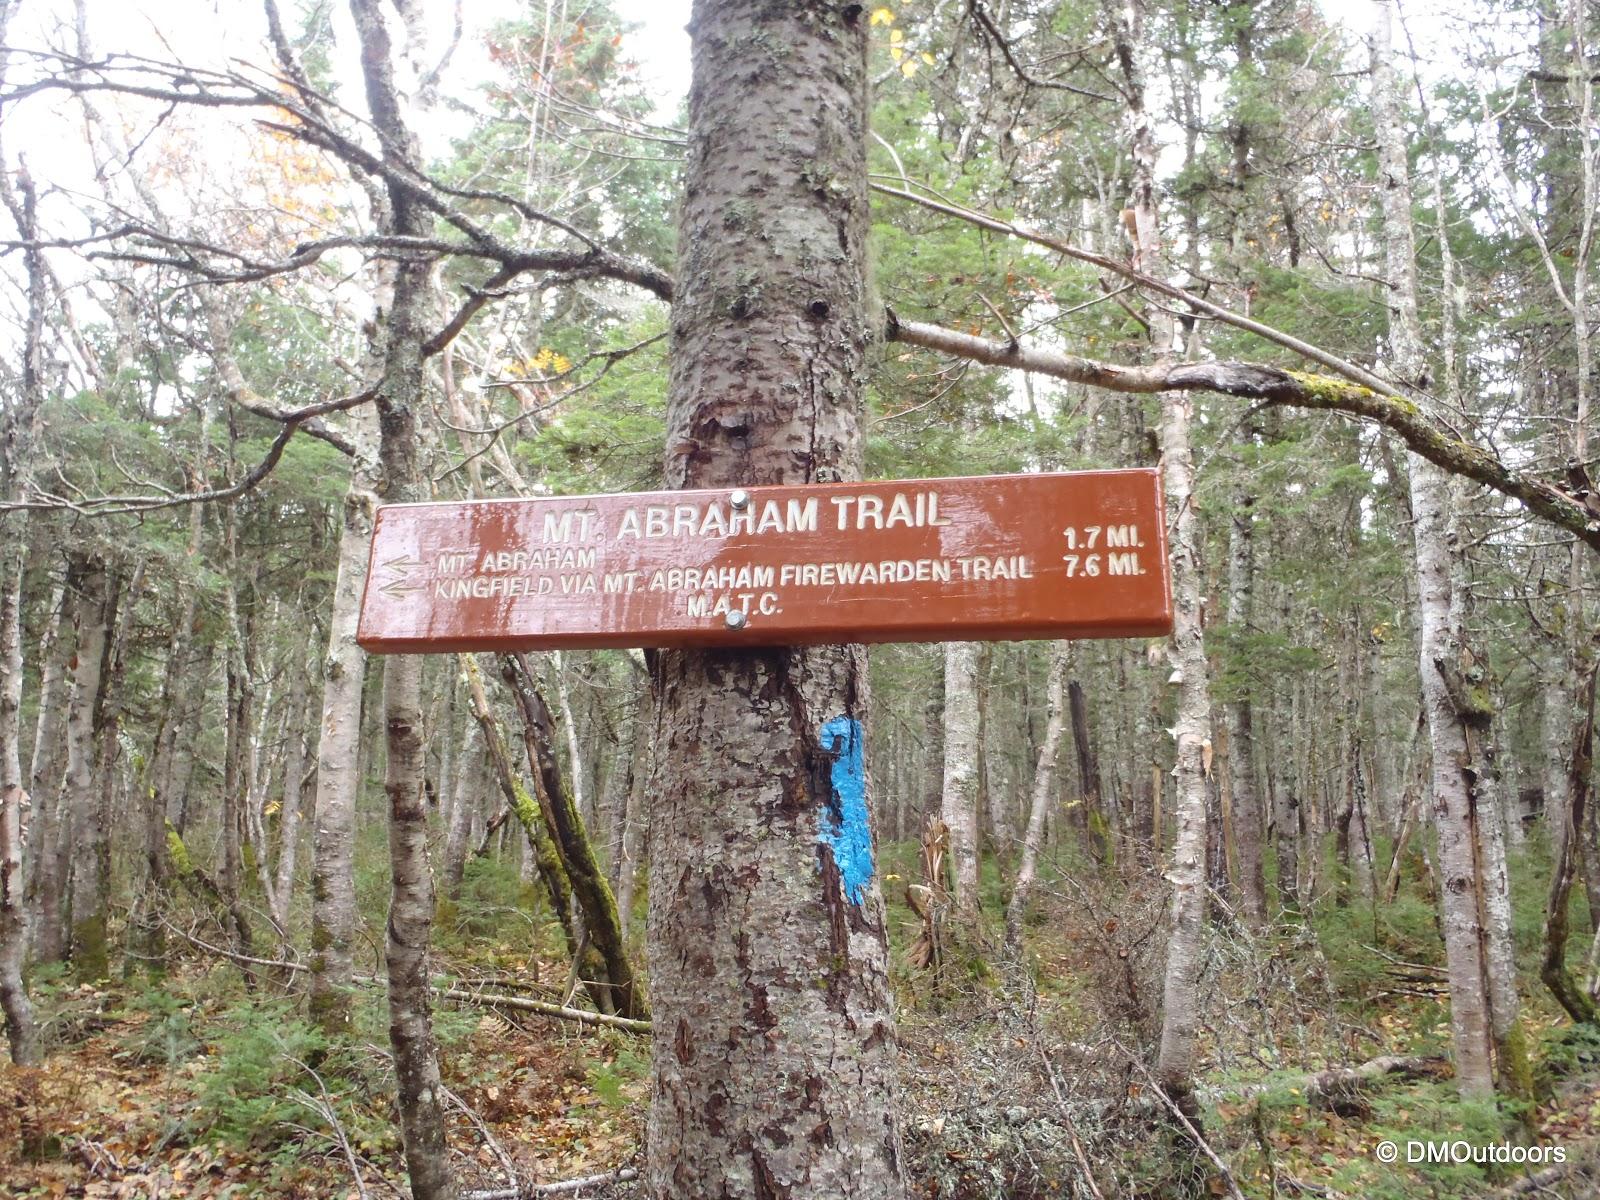 dmoutdoors a wild sugarloaf spaulding u0026 abraham 10 7 2012